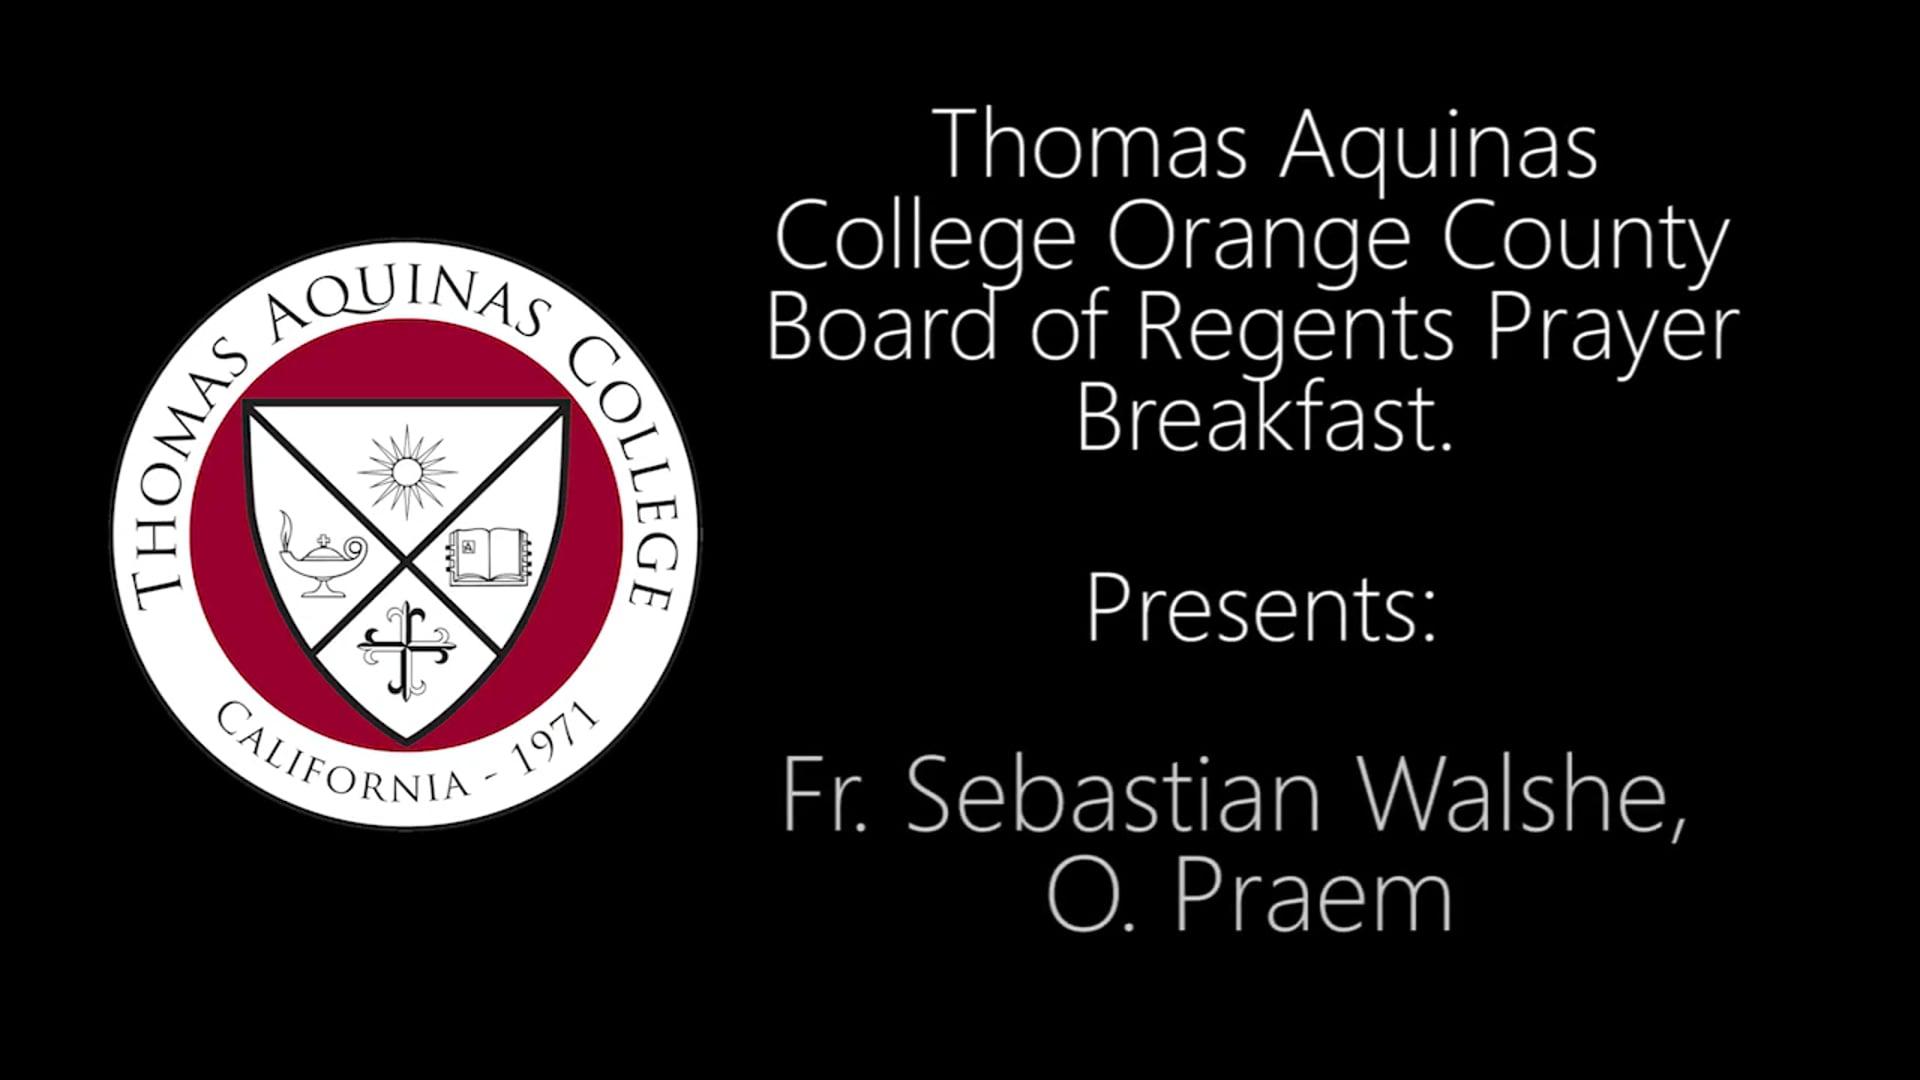 Fr Sebastian Walshe